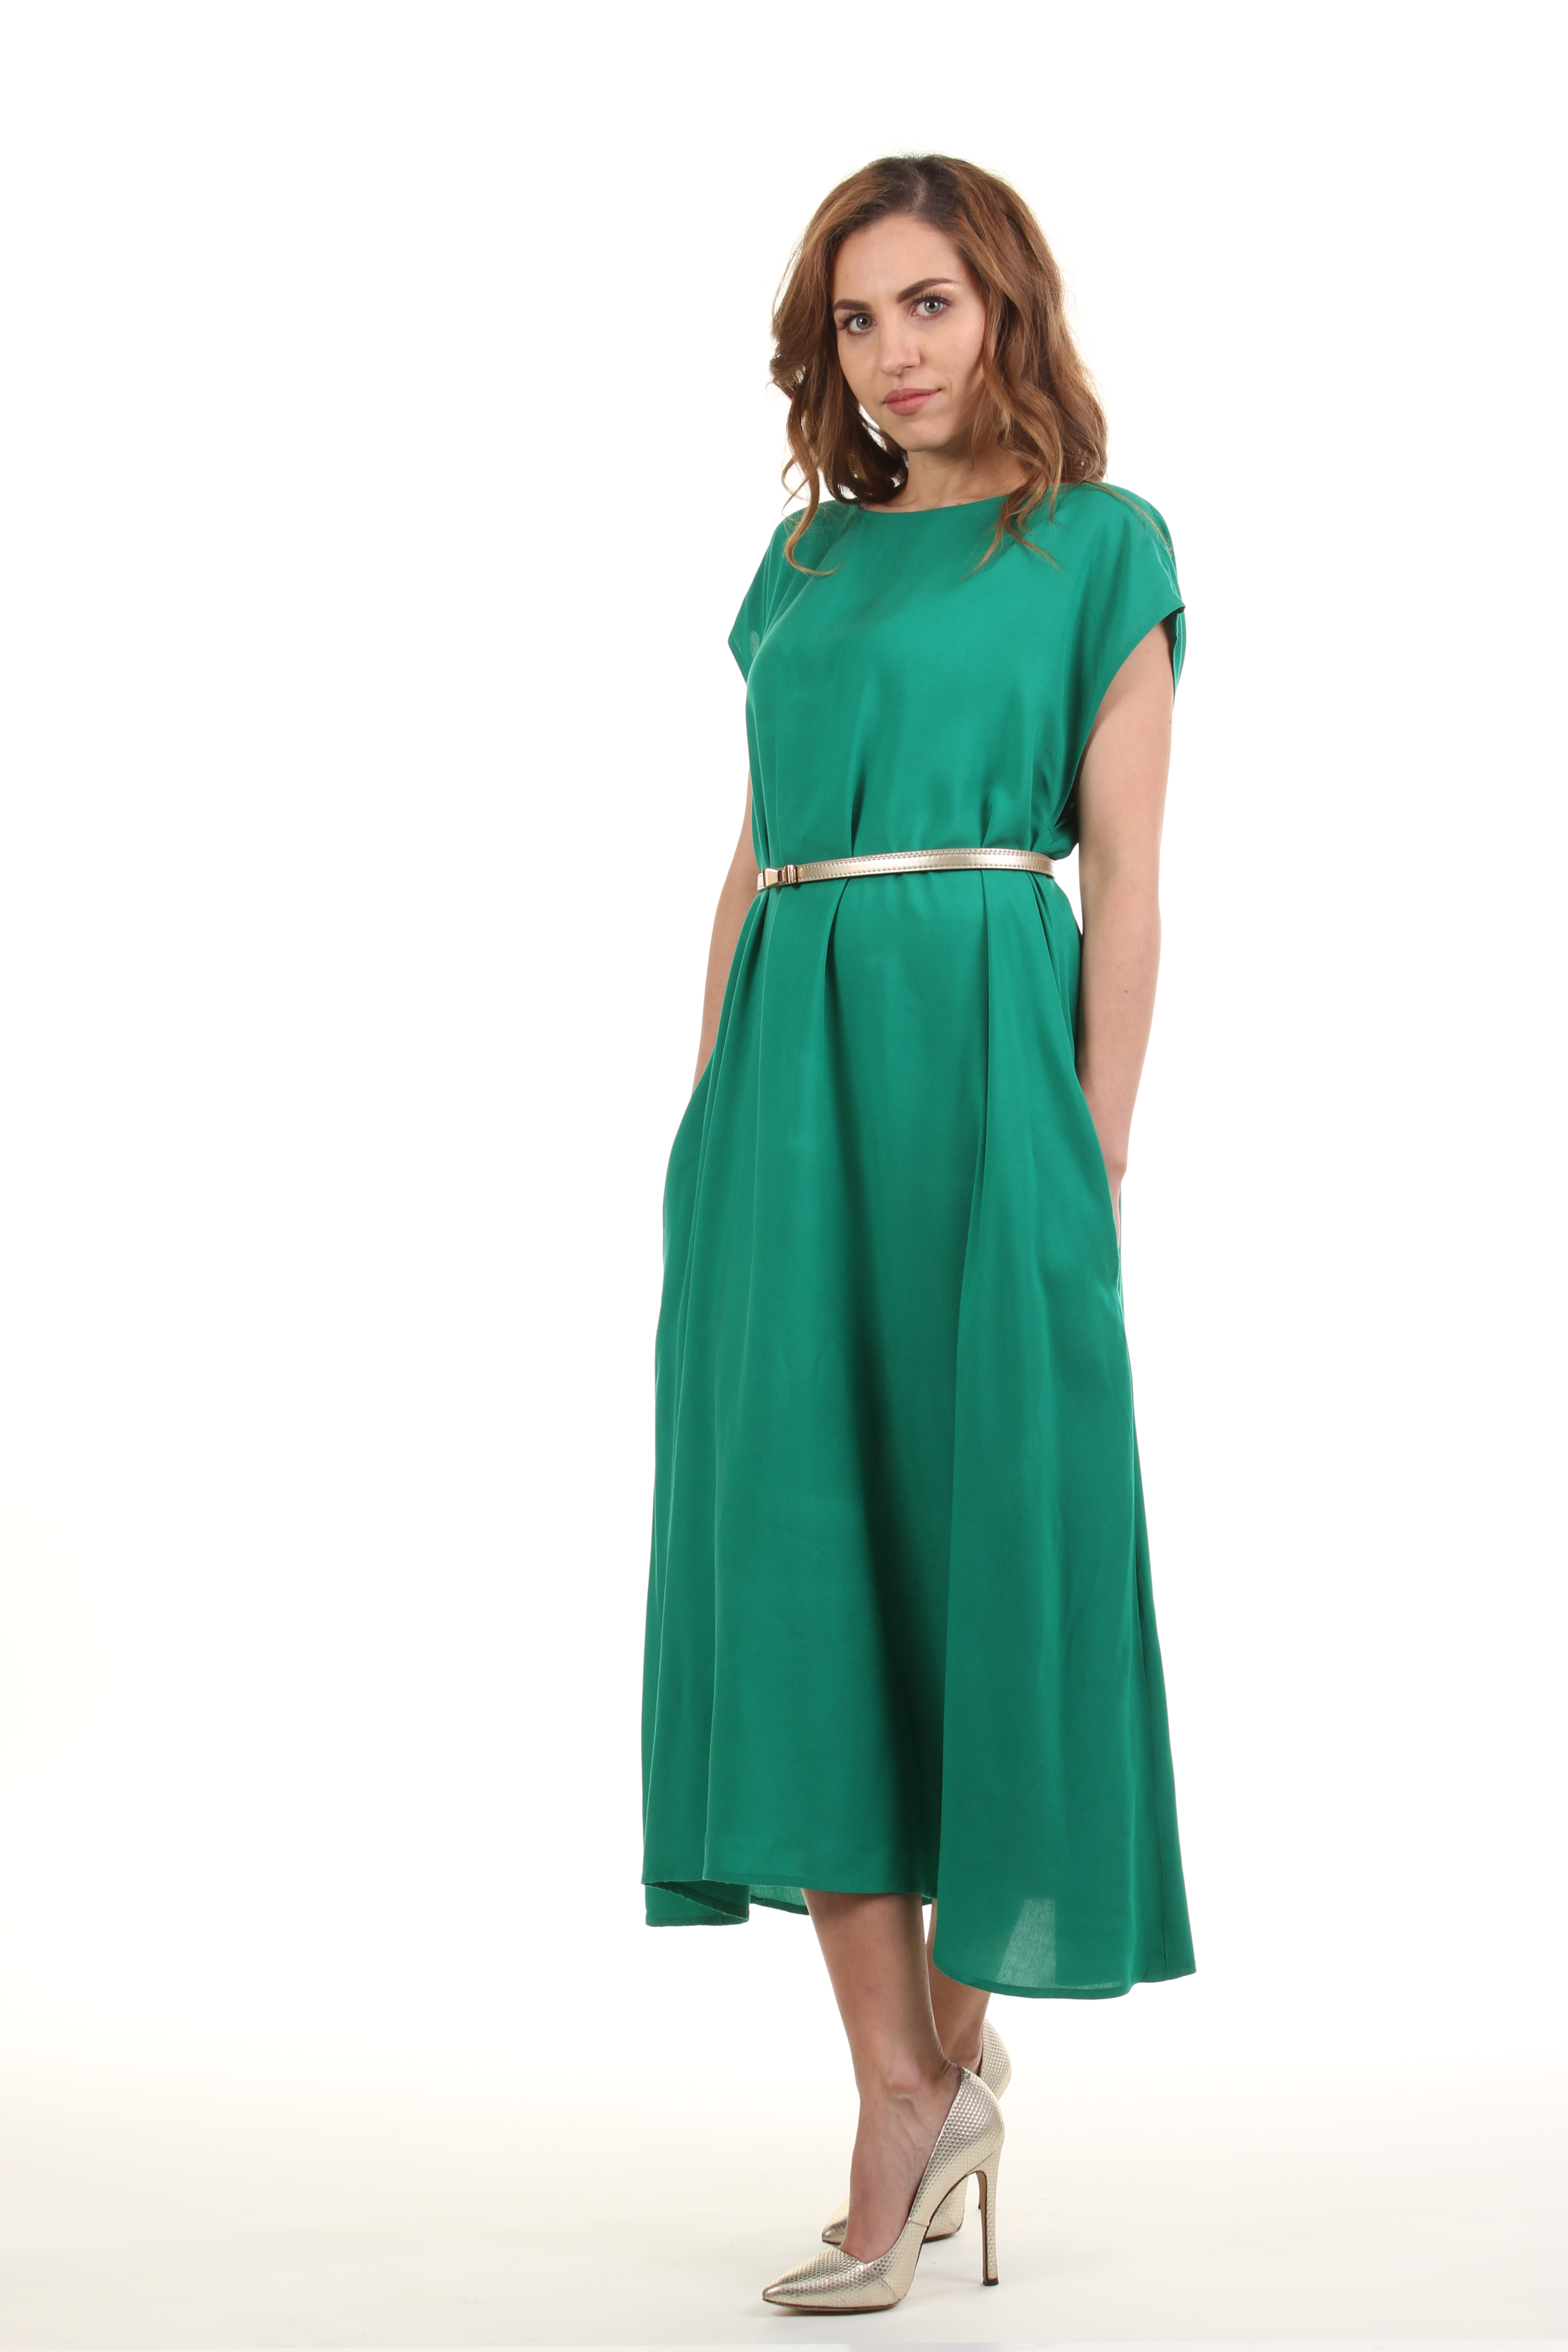 LETTISS Индивидуальный пошив одежды